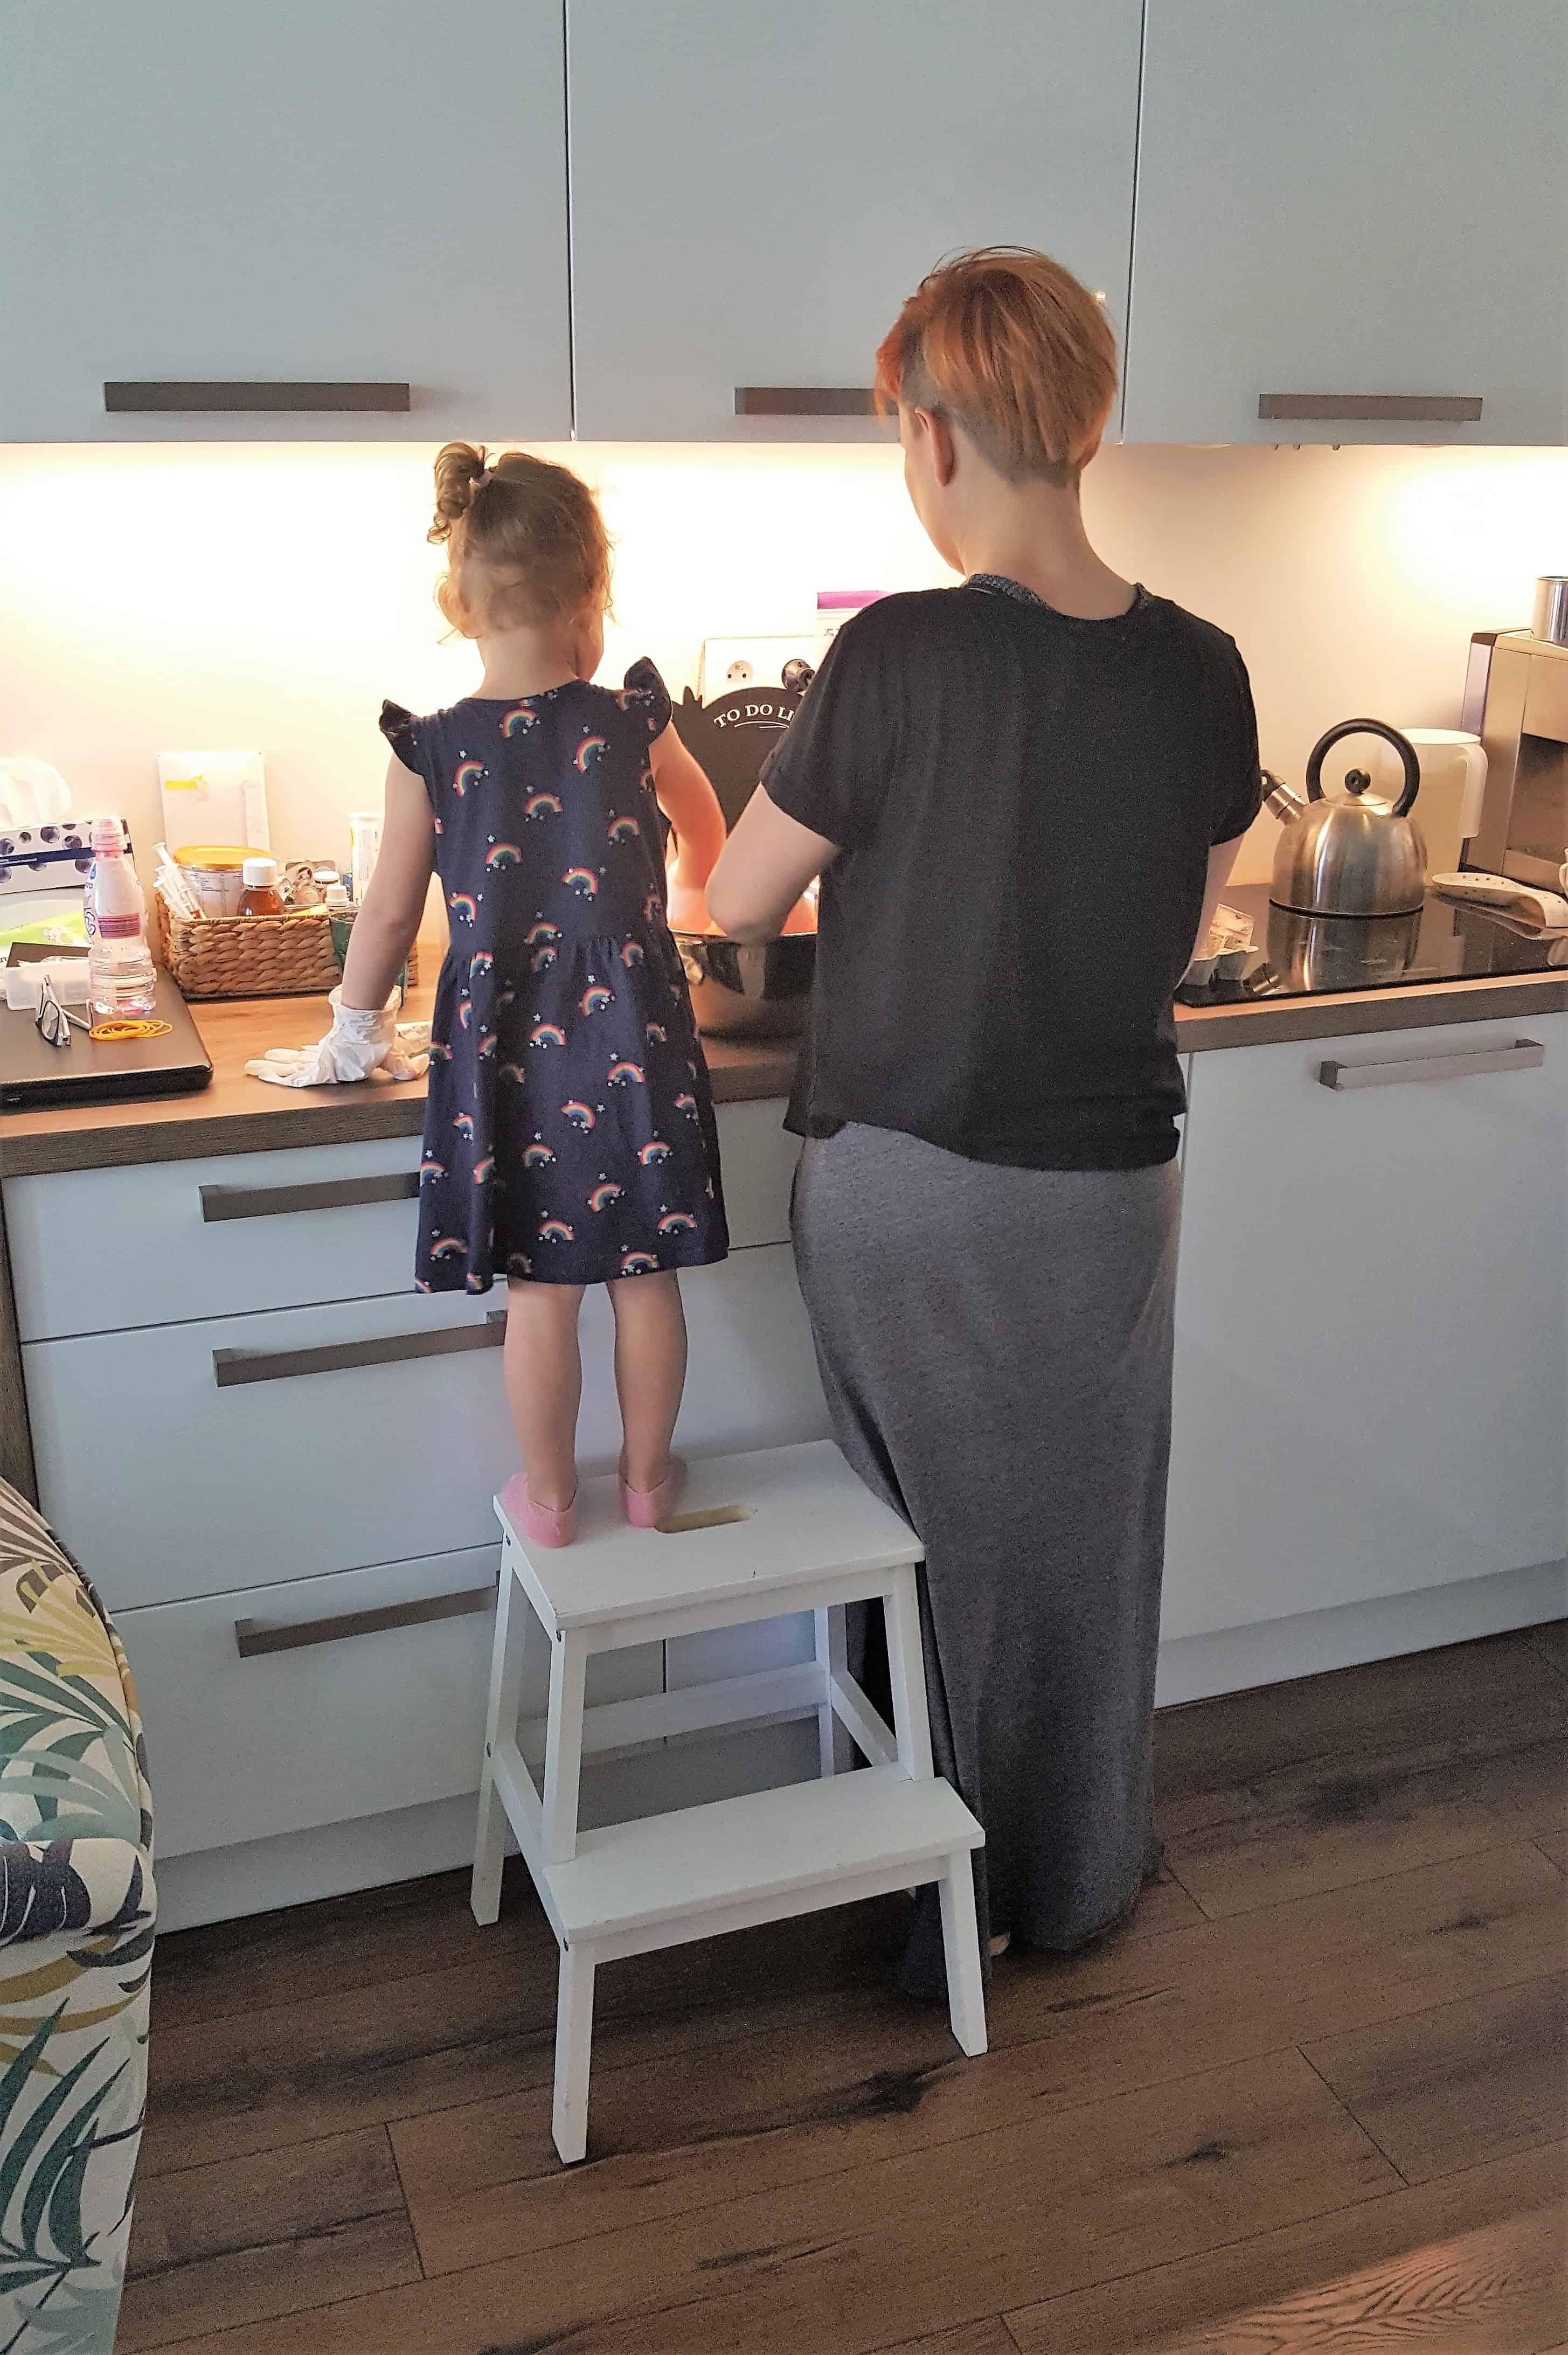 wspólne gotowanie, przygotowywanie posiłków, mama icórka, niejadek Matka Aptekarka